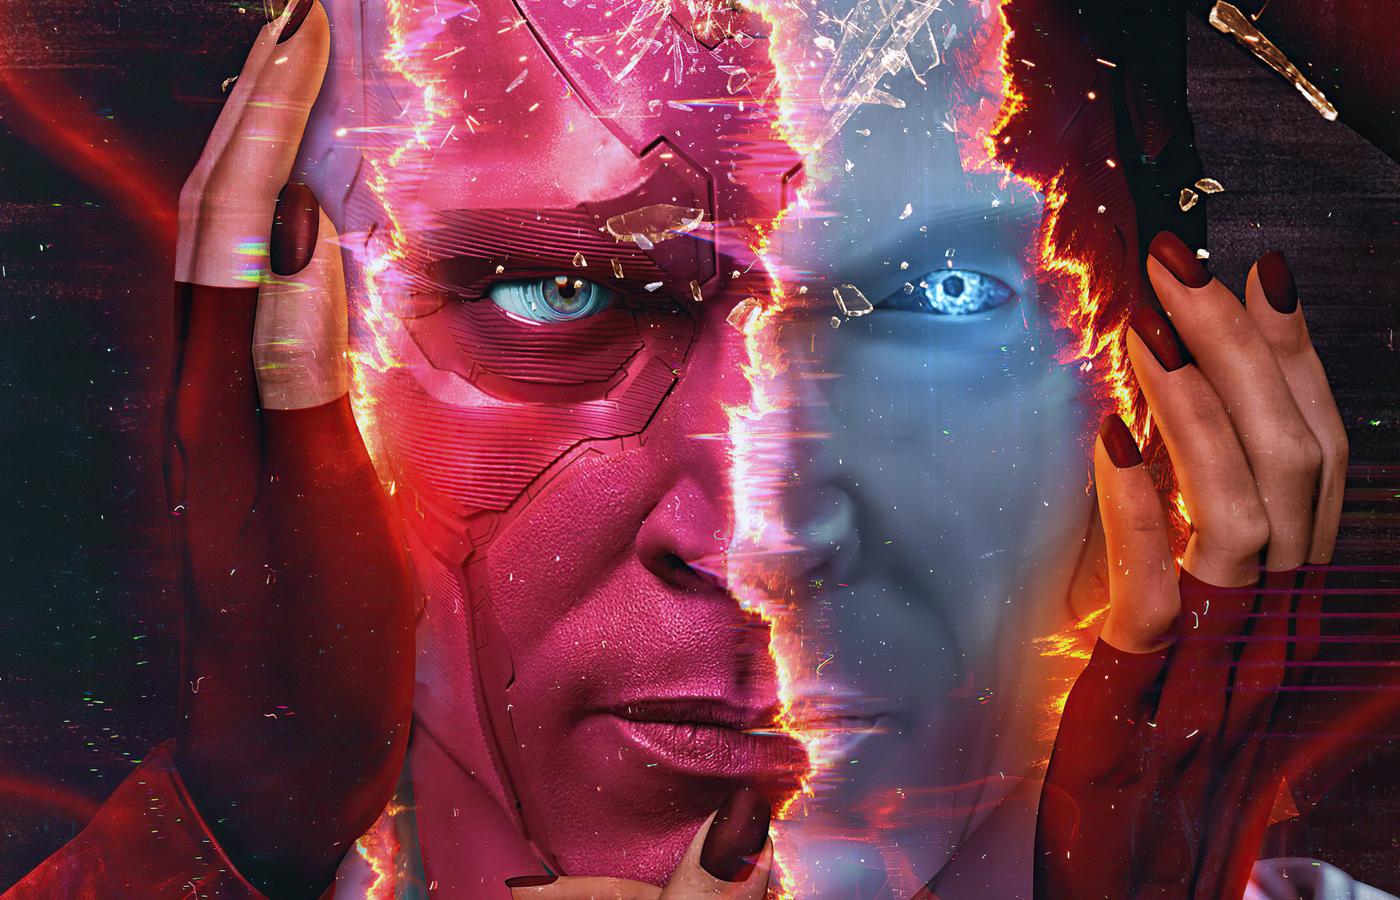 vision-poster-from-wanda-vision-5k-3j.jpg